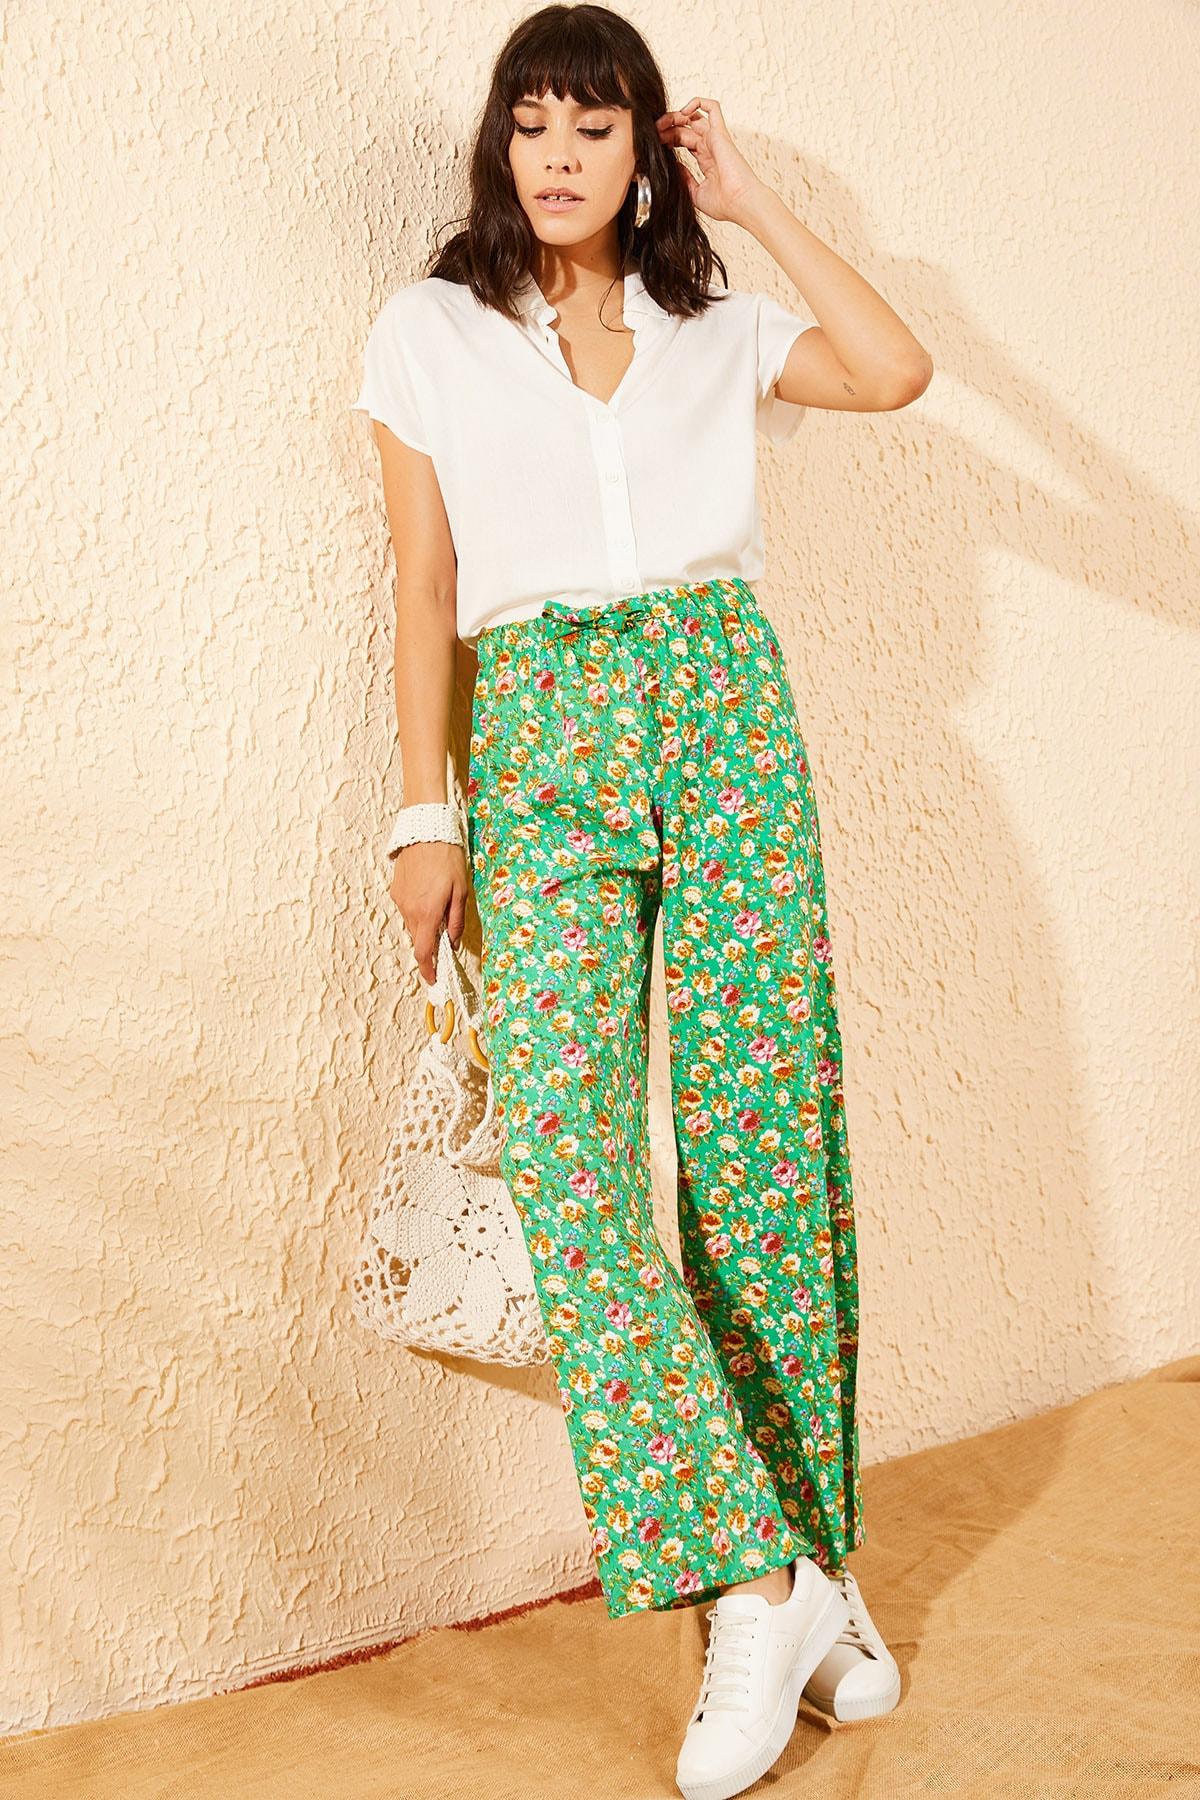 Bianco Lucci Kadın Yeşil Çiçek Desenli Beli Lastikli Bol Paça Pantolon 10081051 2